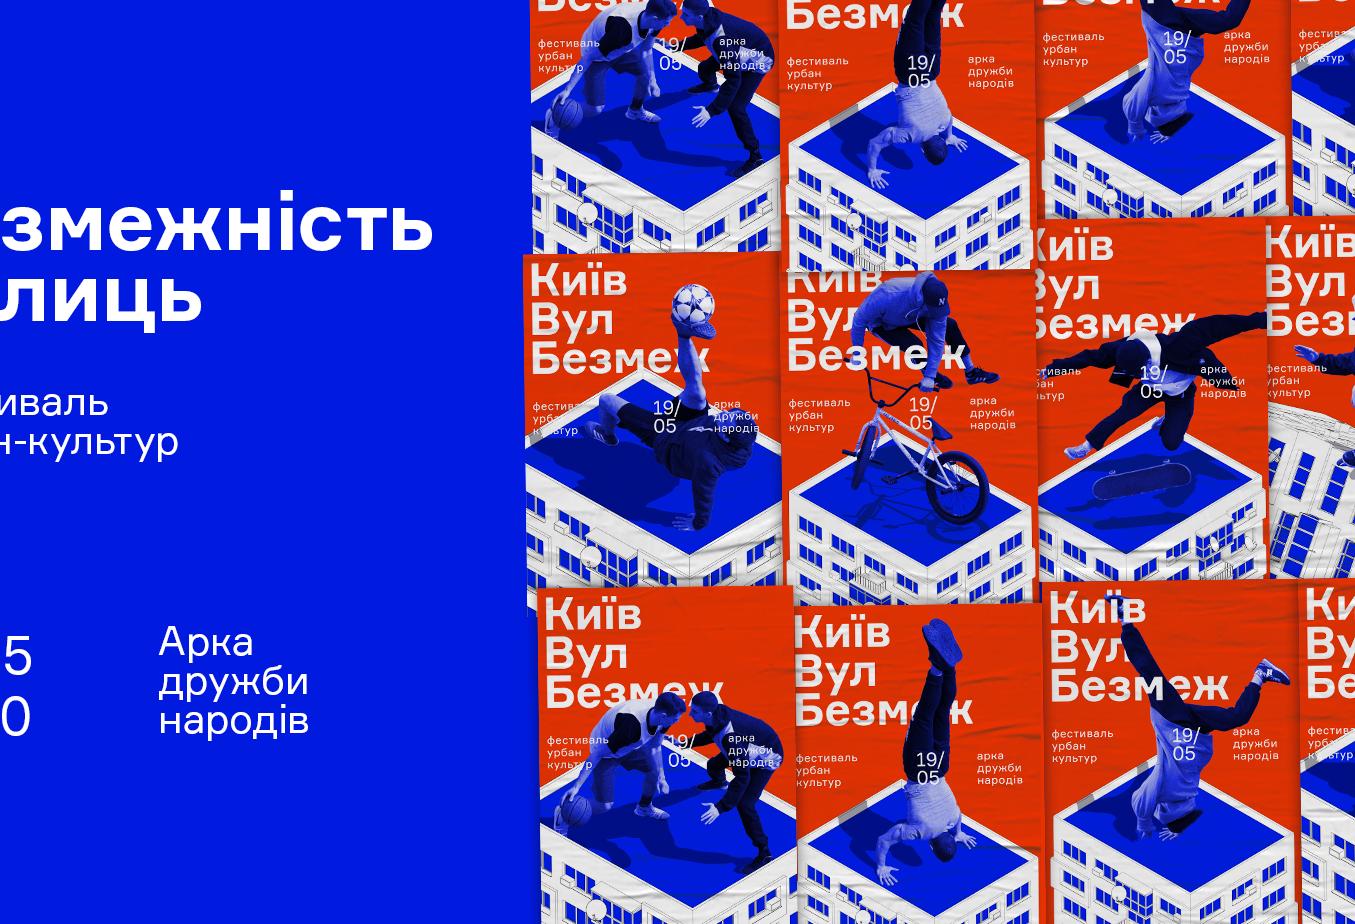 В Киеве пройдет первый фестиваль урбан-культур